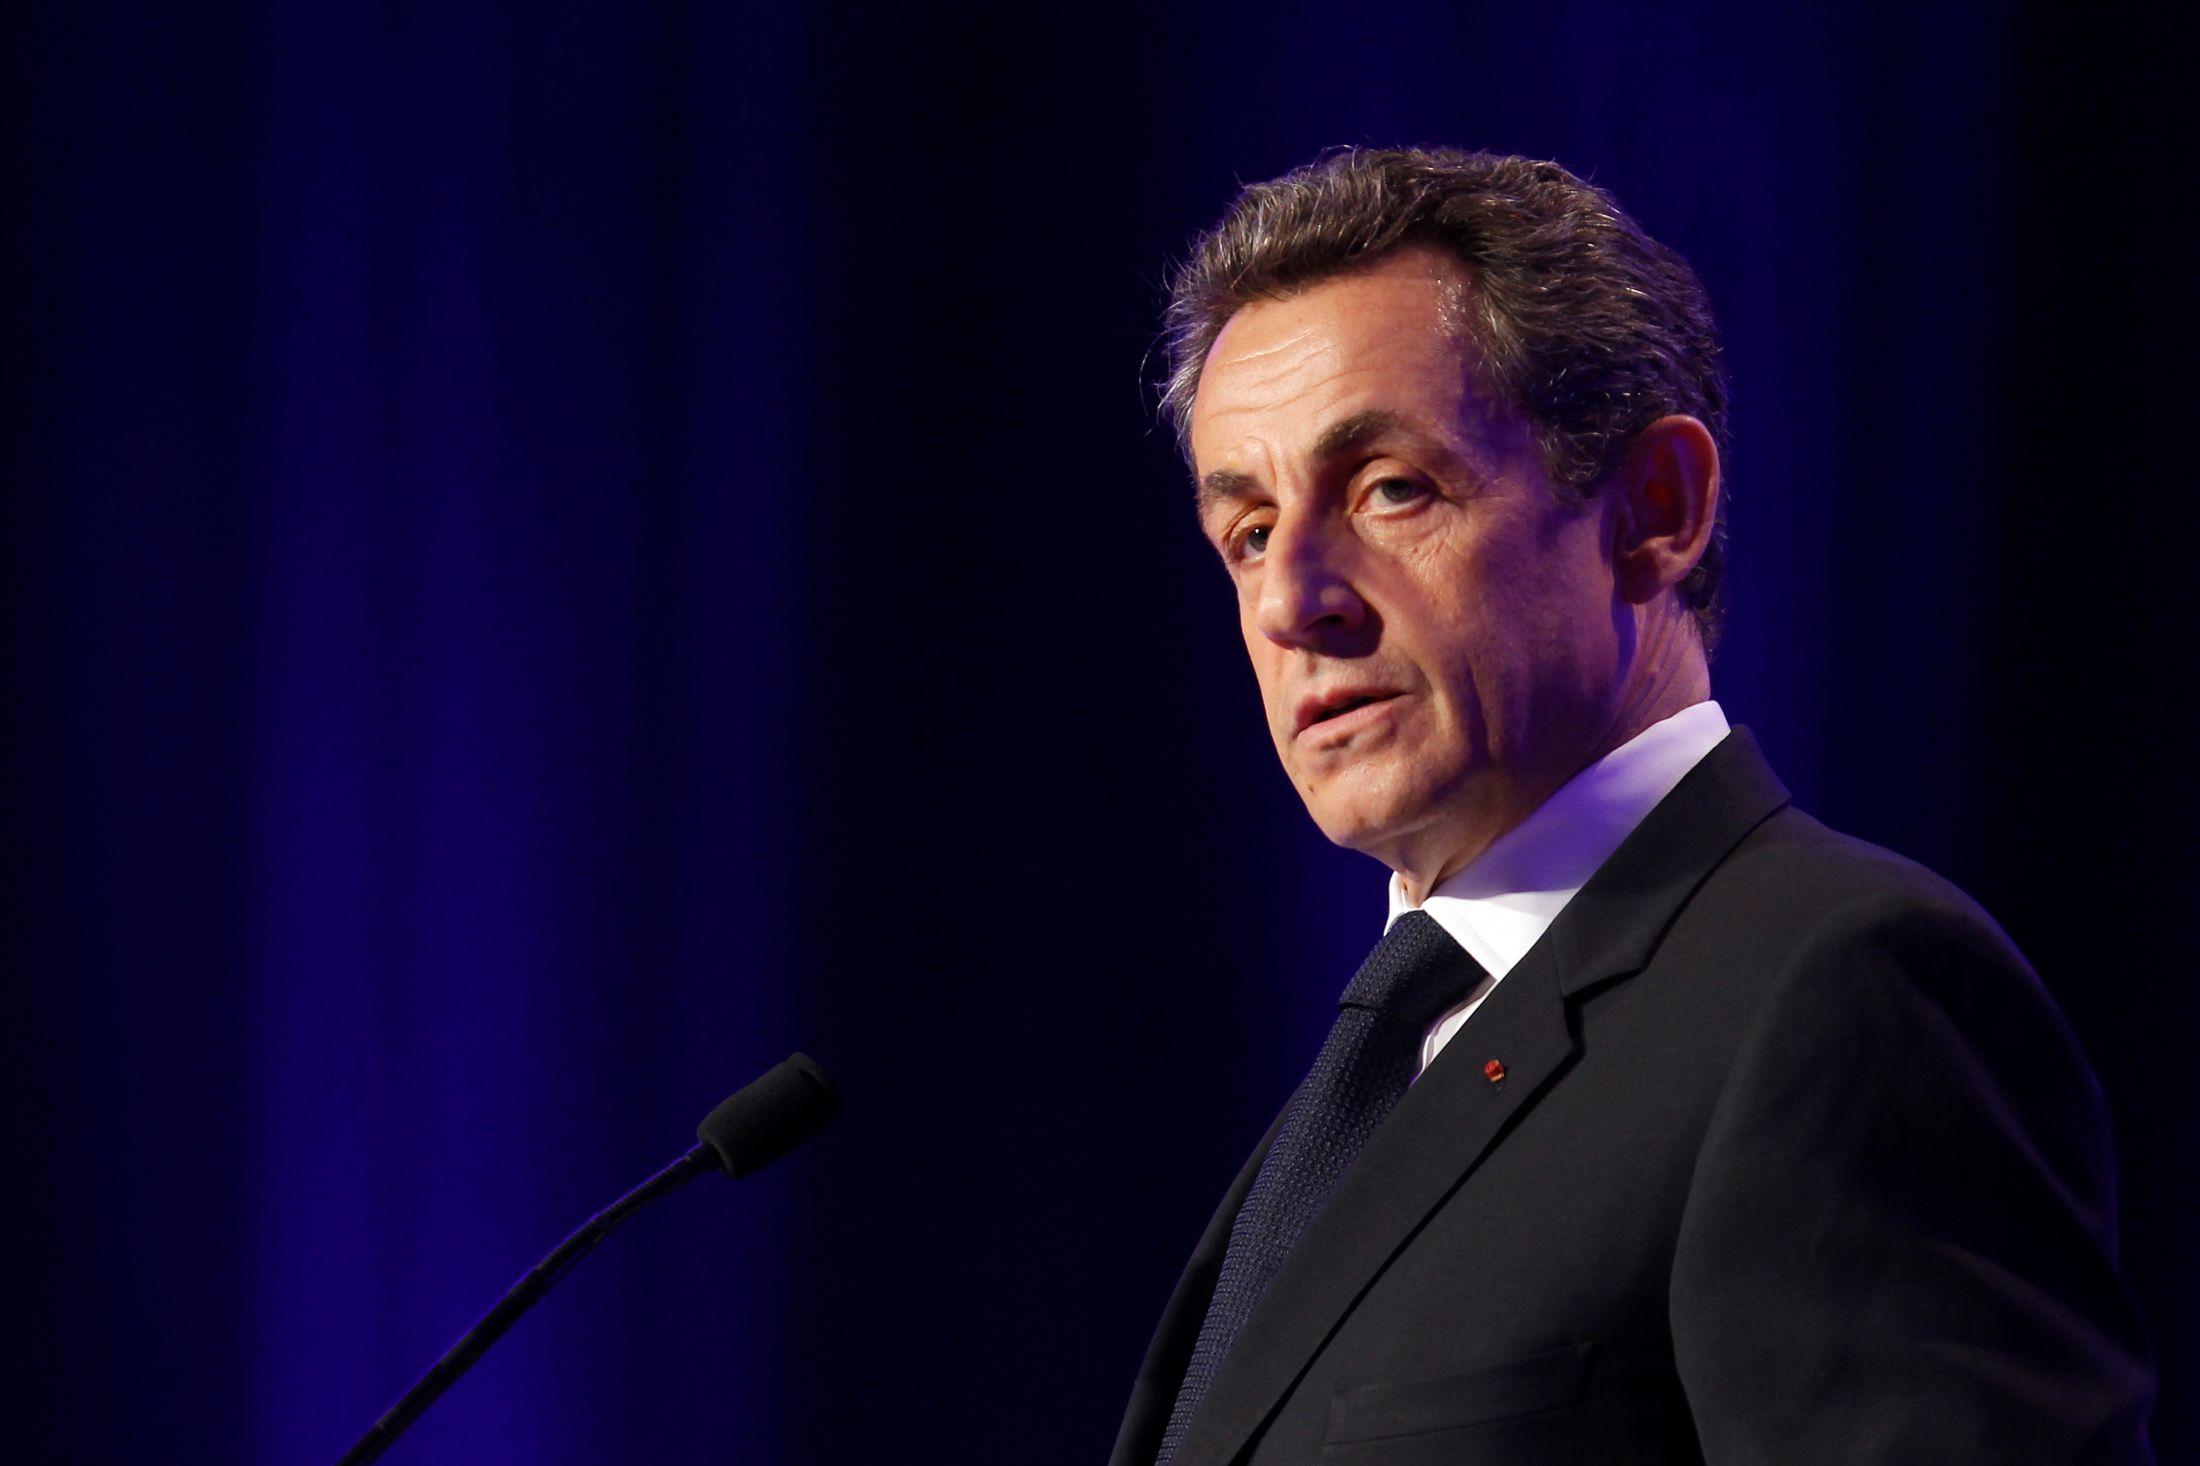 Nicolas Sarkozy a rédigé une lettre pour remercier les personnes qui ont aidé à redresser les finances de l'UMP.